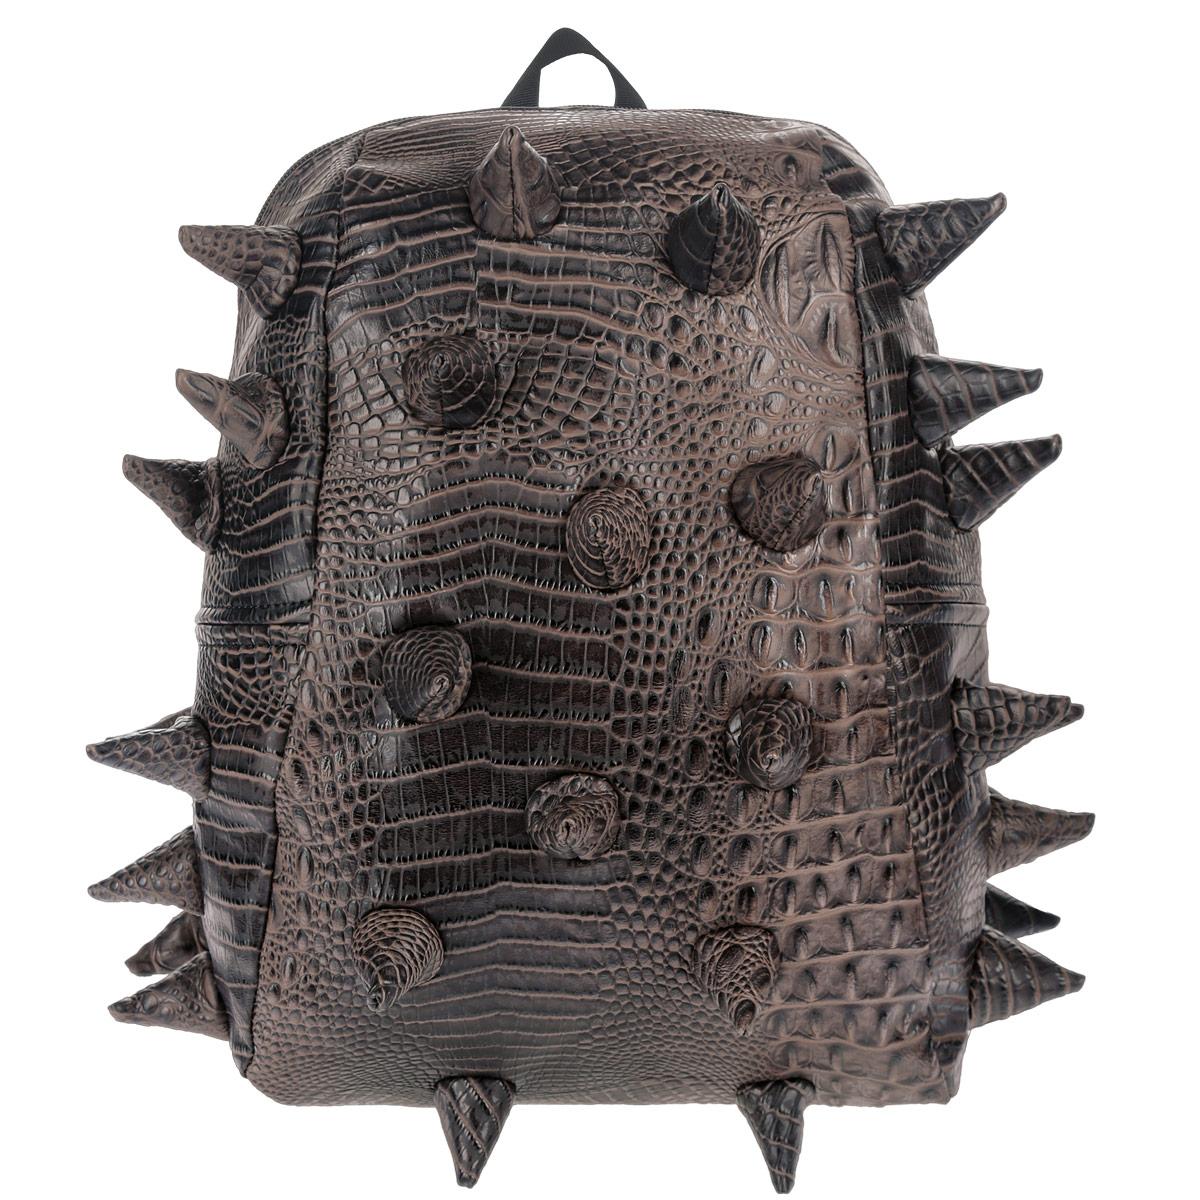 Рюкзак городской MadPax Gator Half, цвет: коричневый, 16 л рюкзаки zipit рюкзак shell backpacks